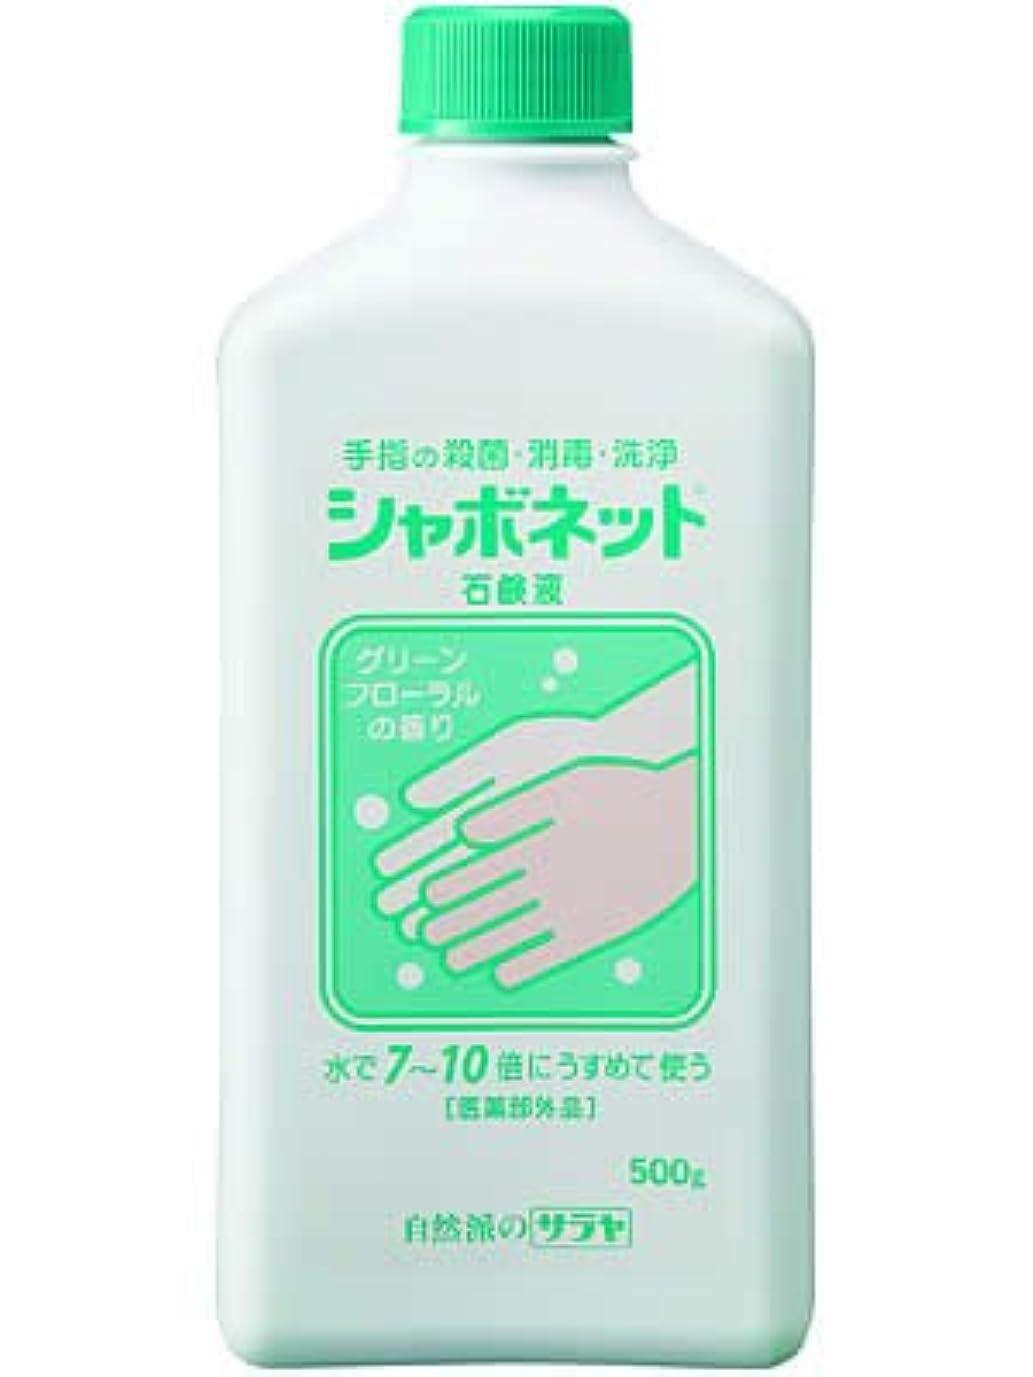 注釈を付ける禁止特権的シャボネット 石鹸液 500g ×10個セット